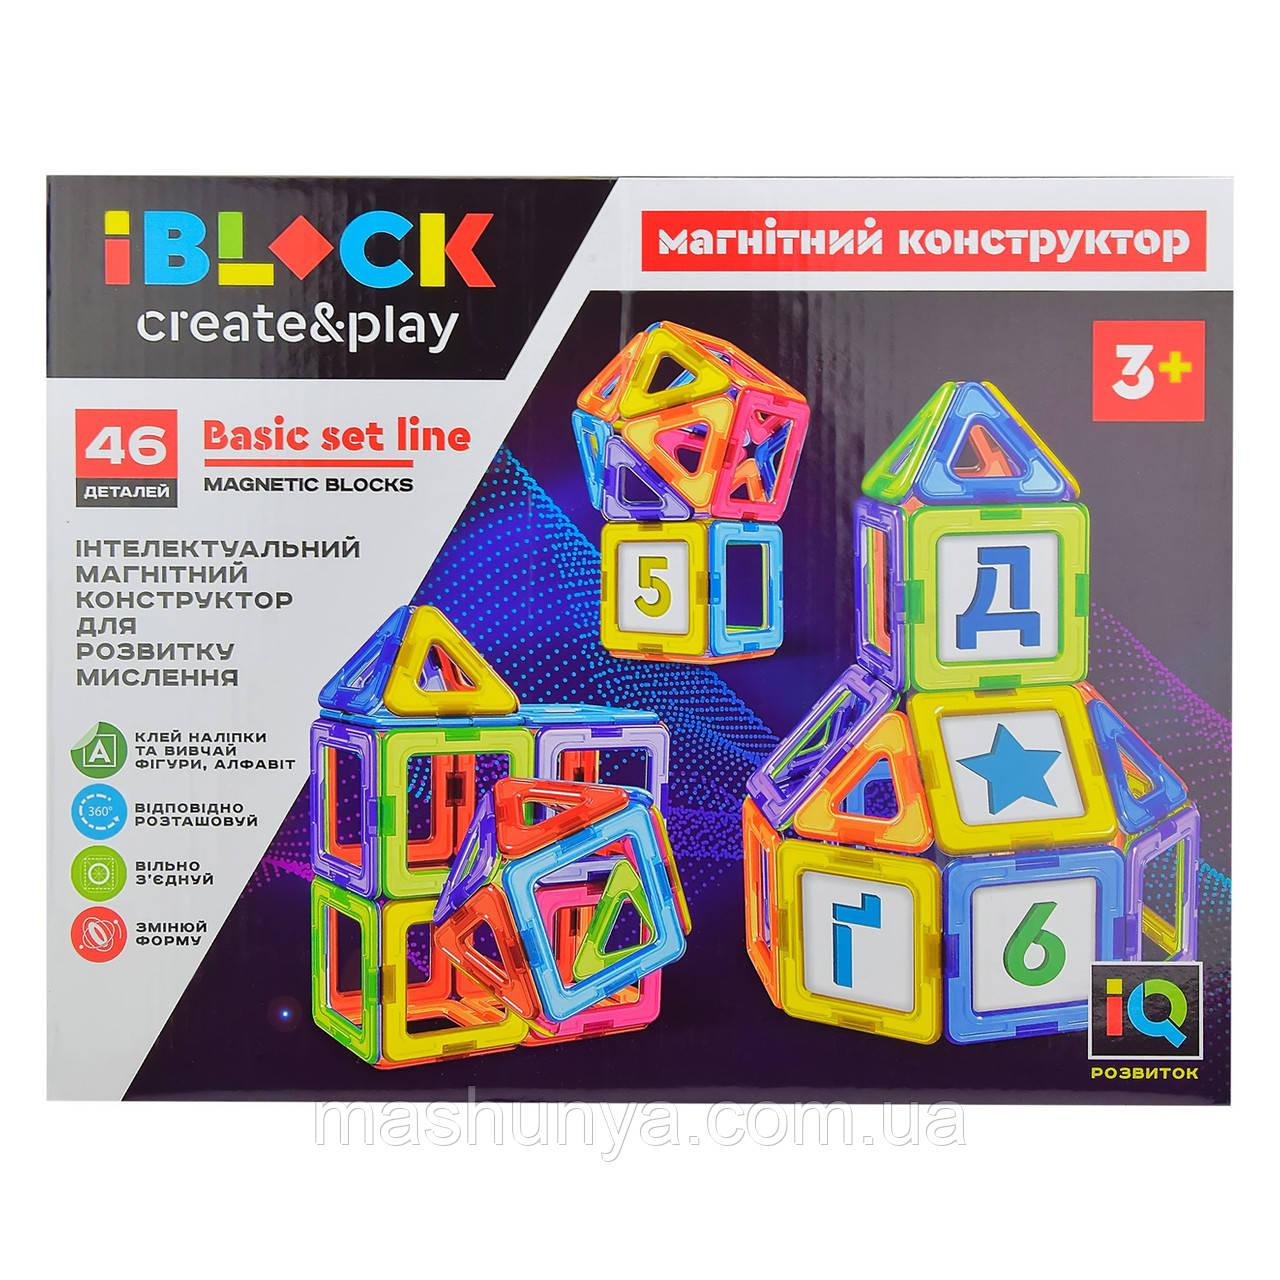 Конструктор магнитный iBlock 46 деталей PL-920-03 Пром